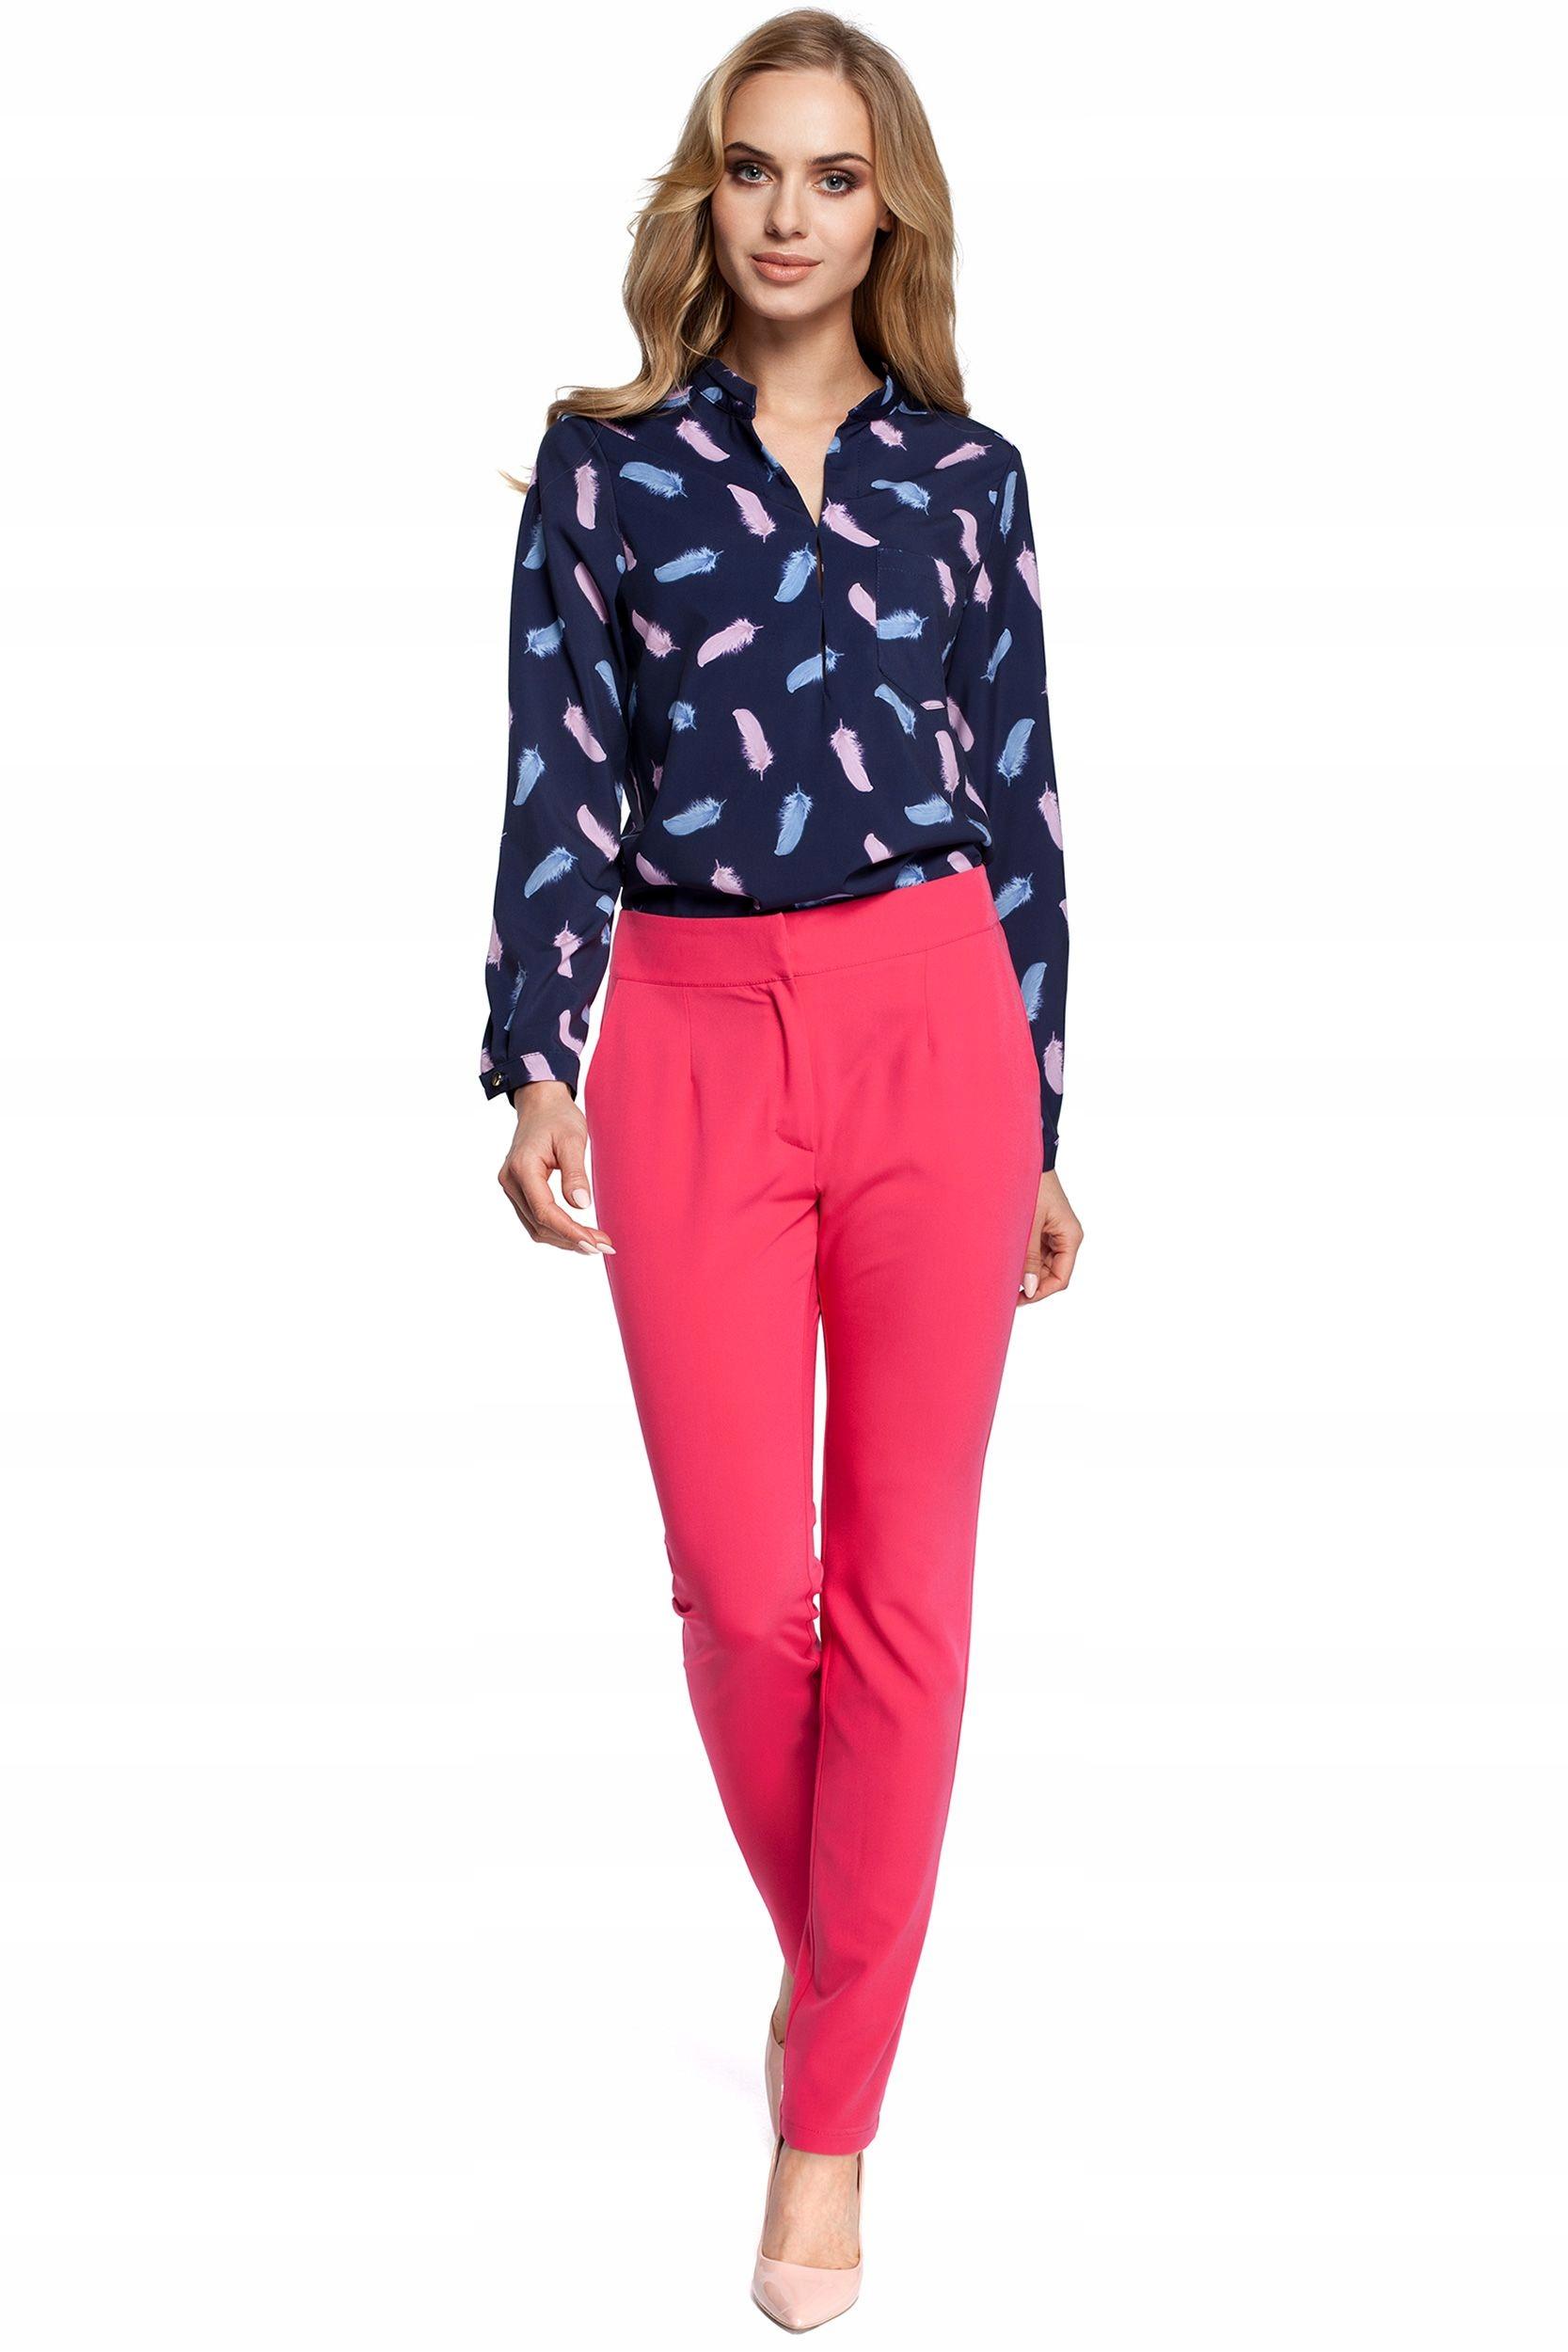 M303 Spodnie garniturowe cygaretki - różowe 40 | L